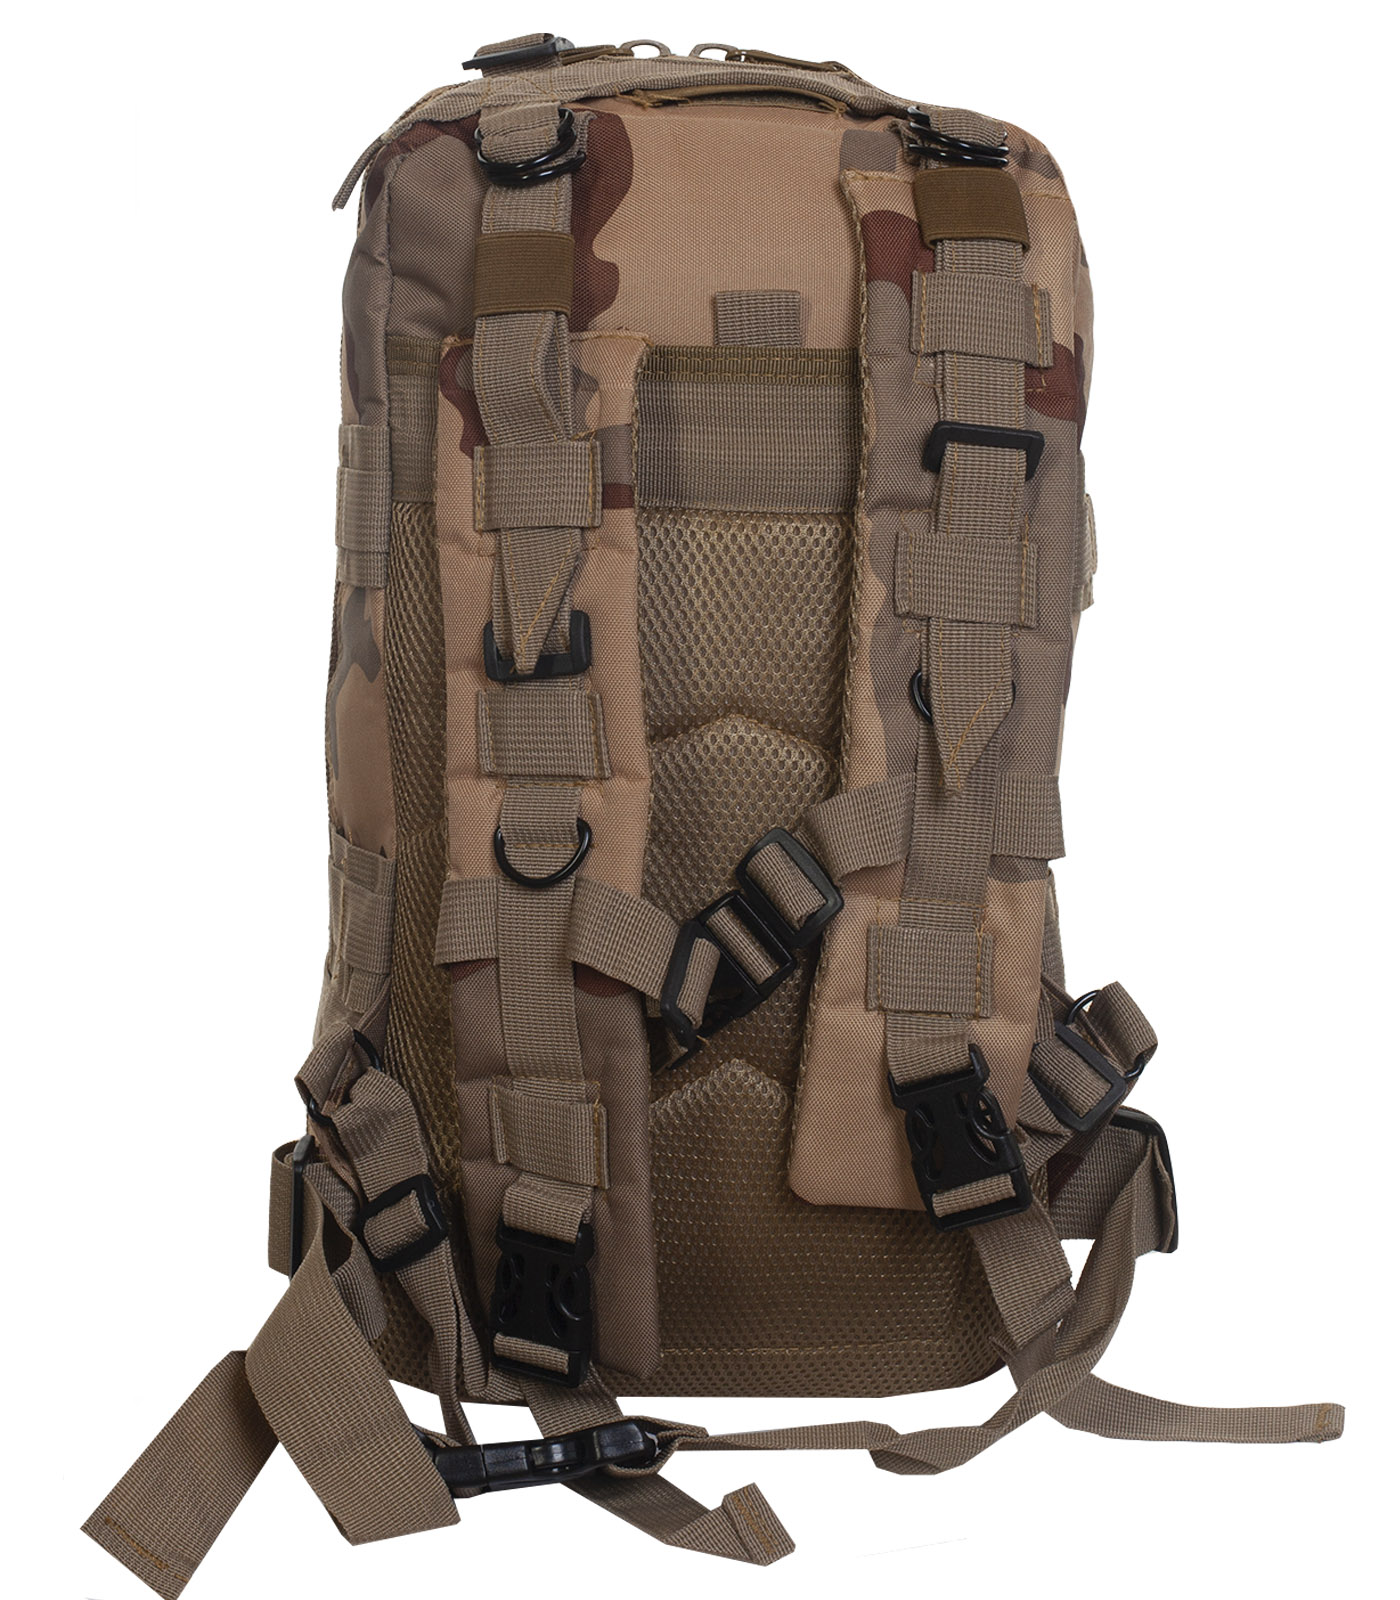 Лучший рюкзак для похода камуфляжа 3-color Desert - купить недорого